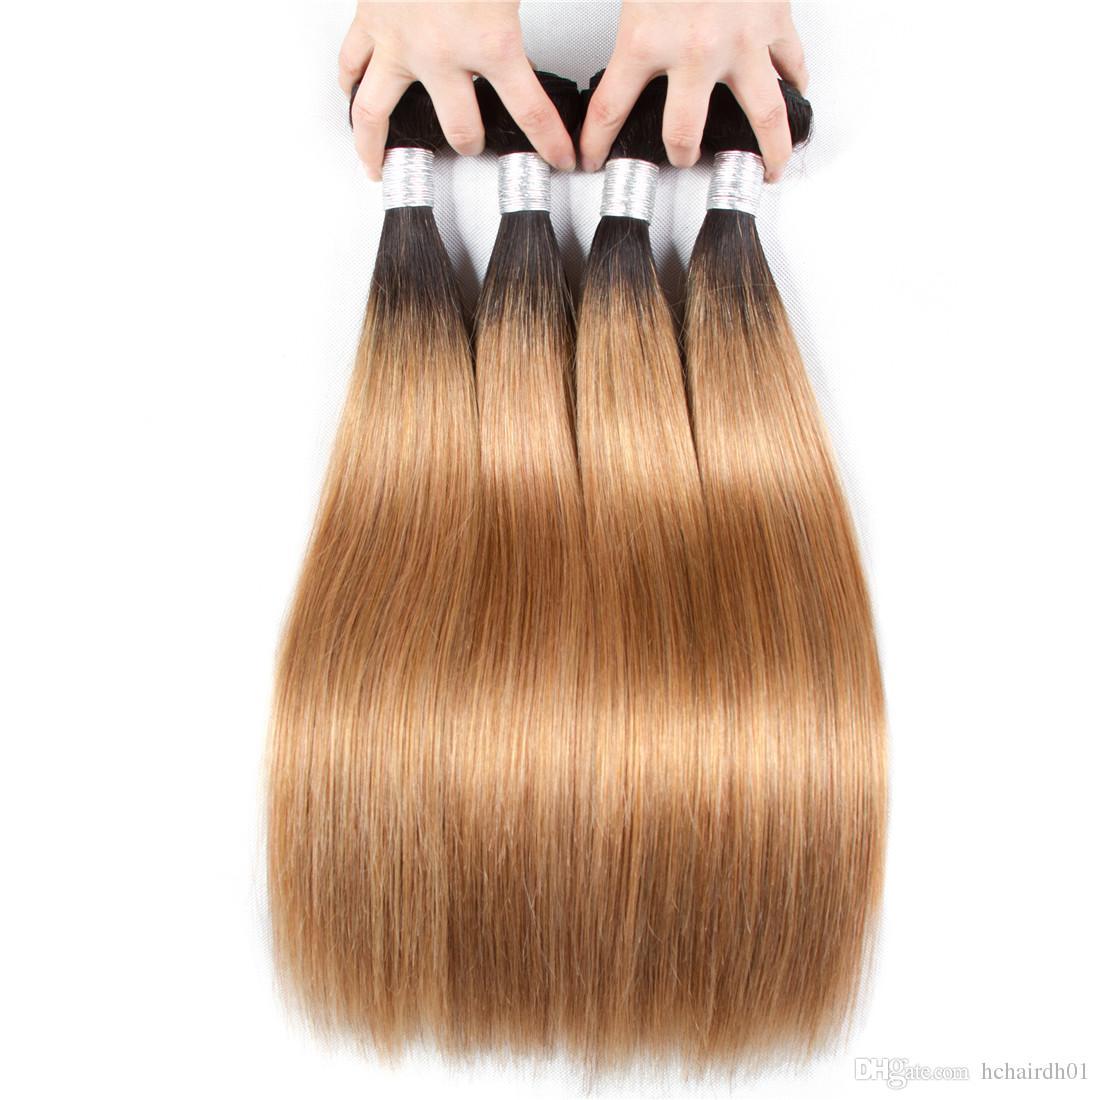 2 톤 Ombre 브라질 스트레이트 헤어 묶음 1B / 27 비 레미 인간의 머리카락 확장 3 또는 4 번들 인간의 머리카락 확장 옴브 짜기